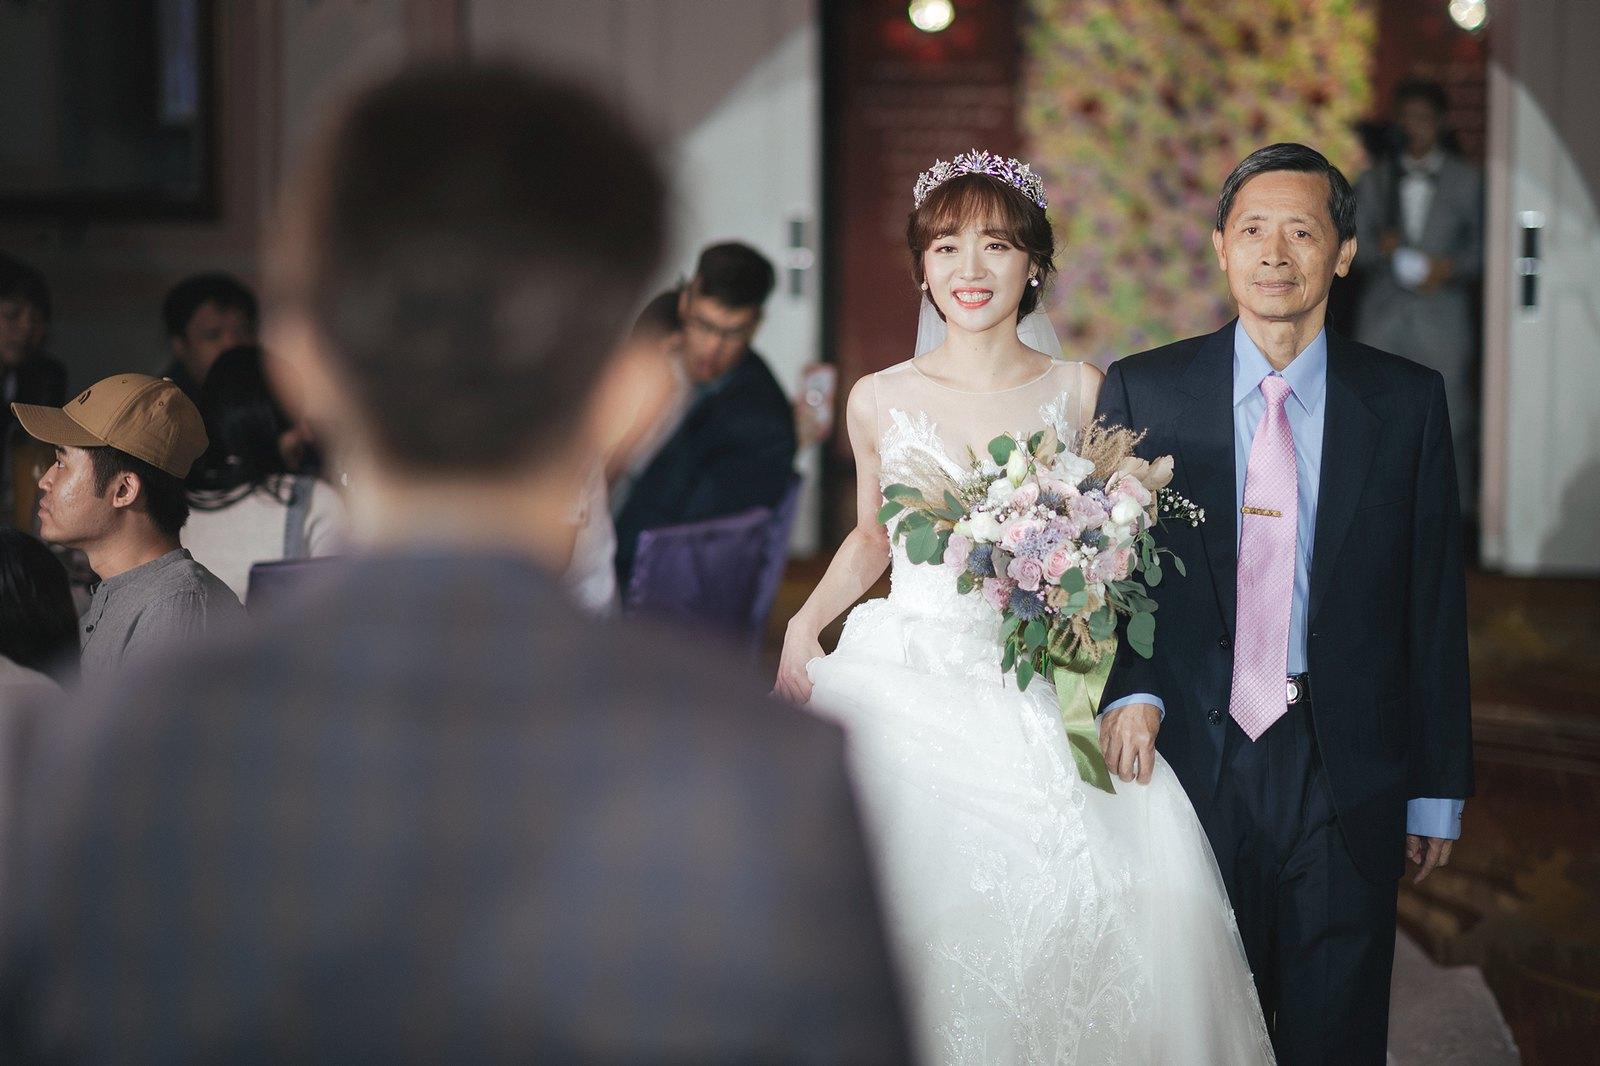 【婚攝】Chris & Ching / 公館水源會館